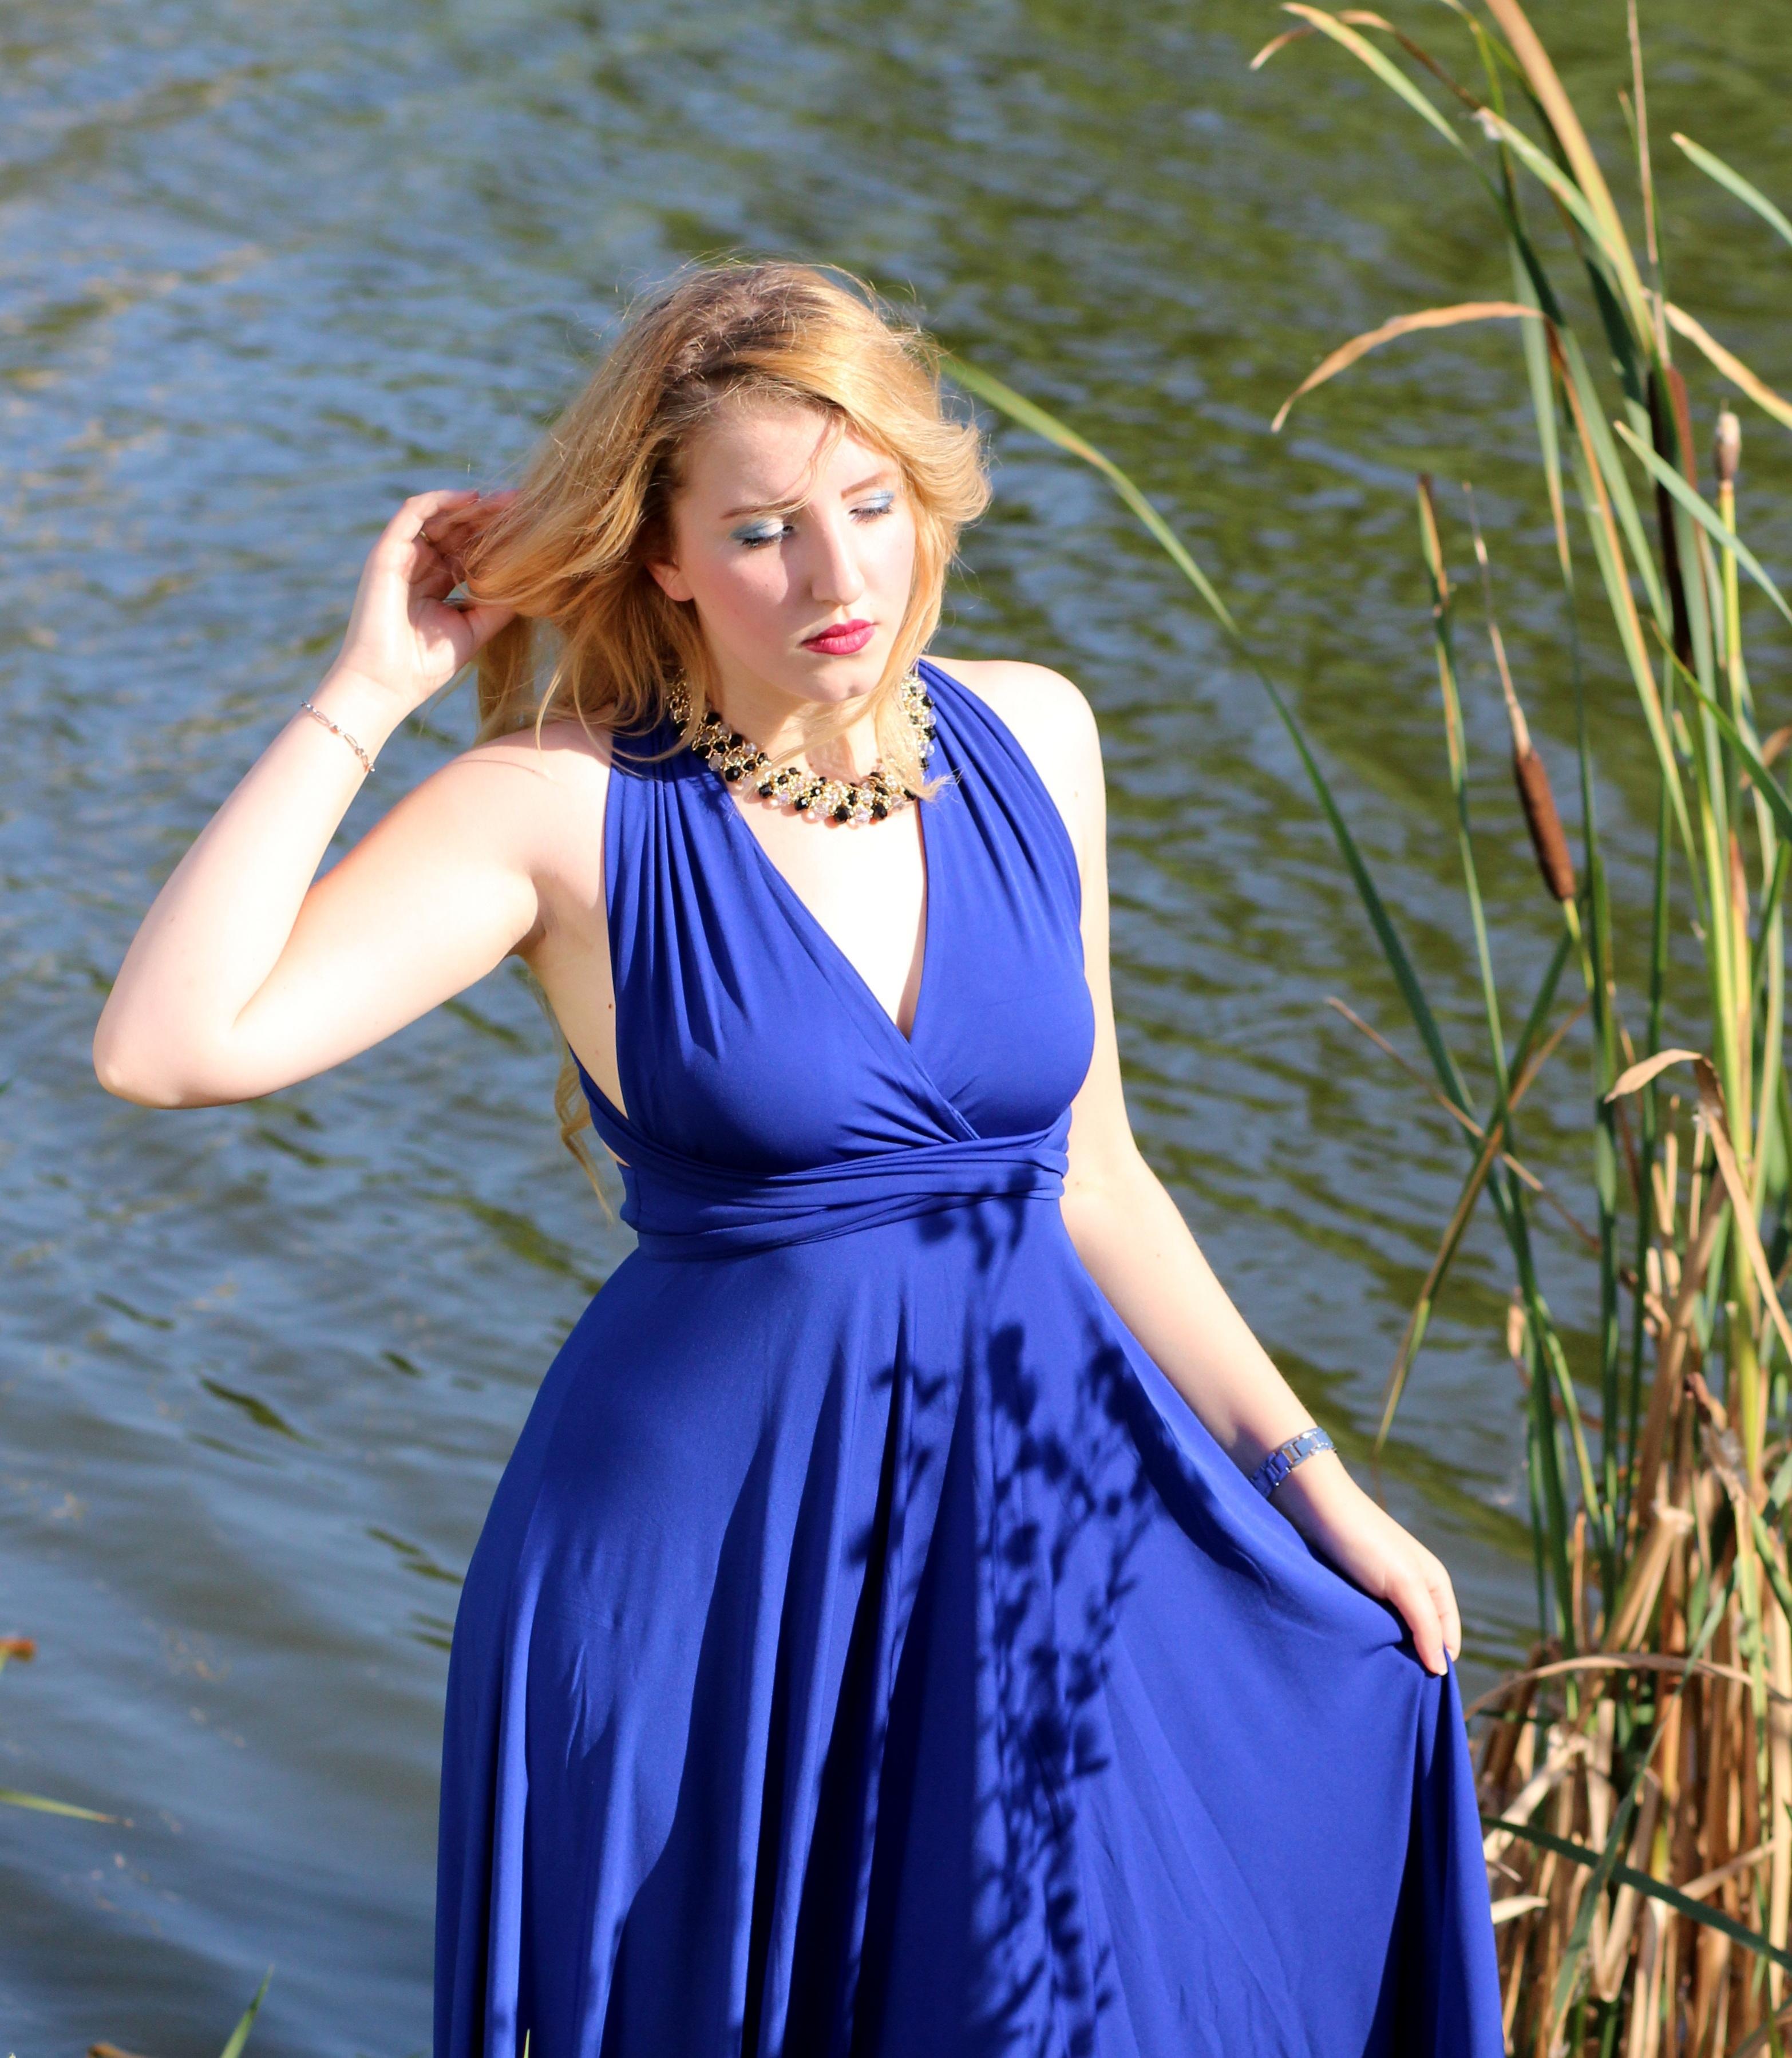 Kostenlose foto : Wasser, Mädchen, Frau, Fotografie, See, Porträt ...